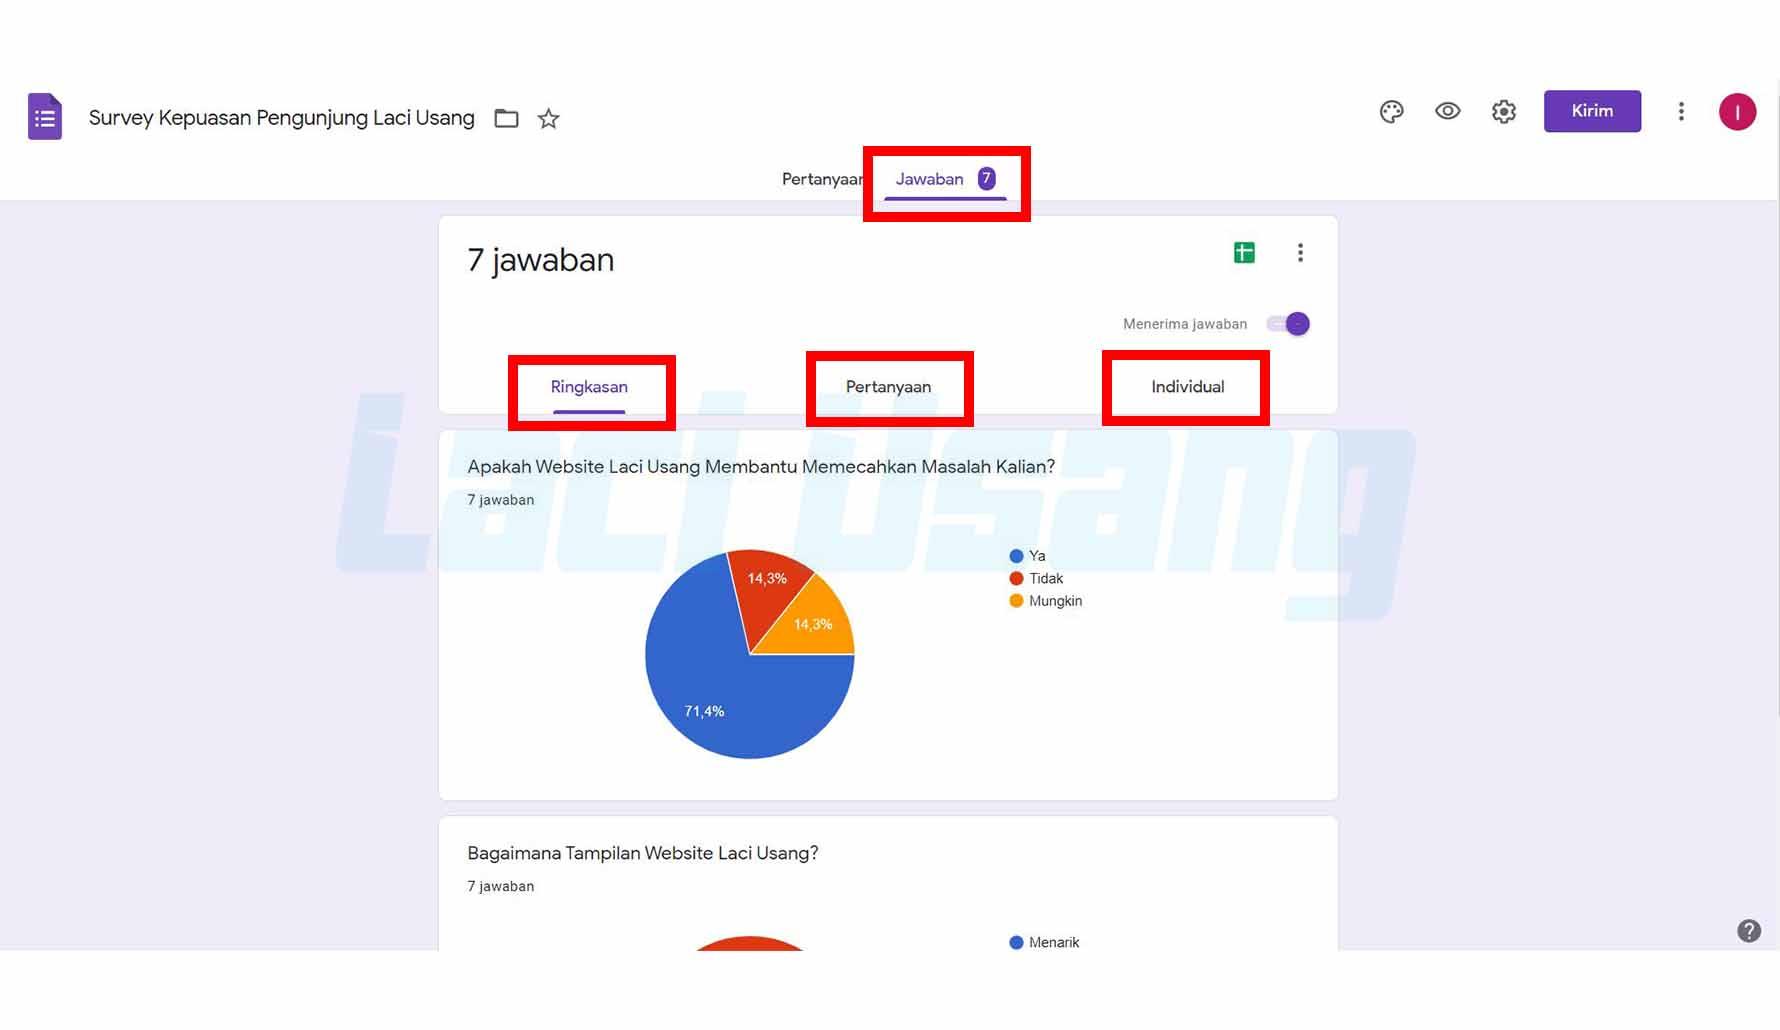 Cara Melihat Google Form Yang Telah Dikirim